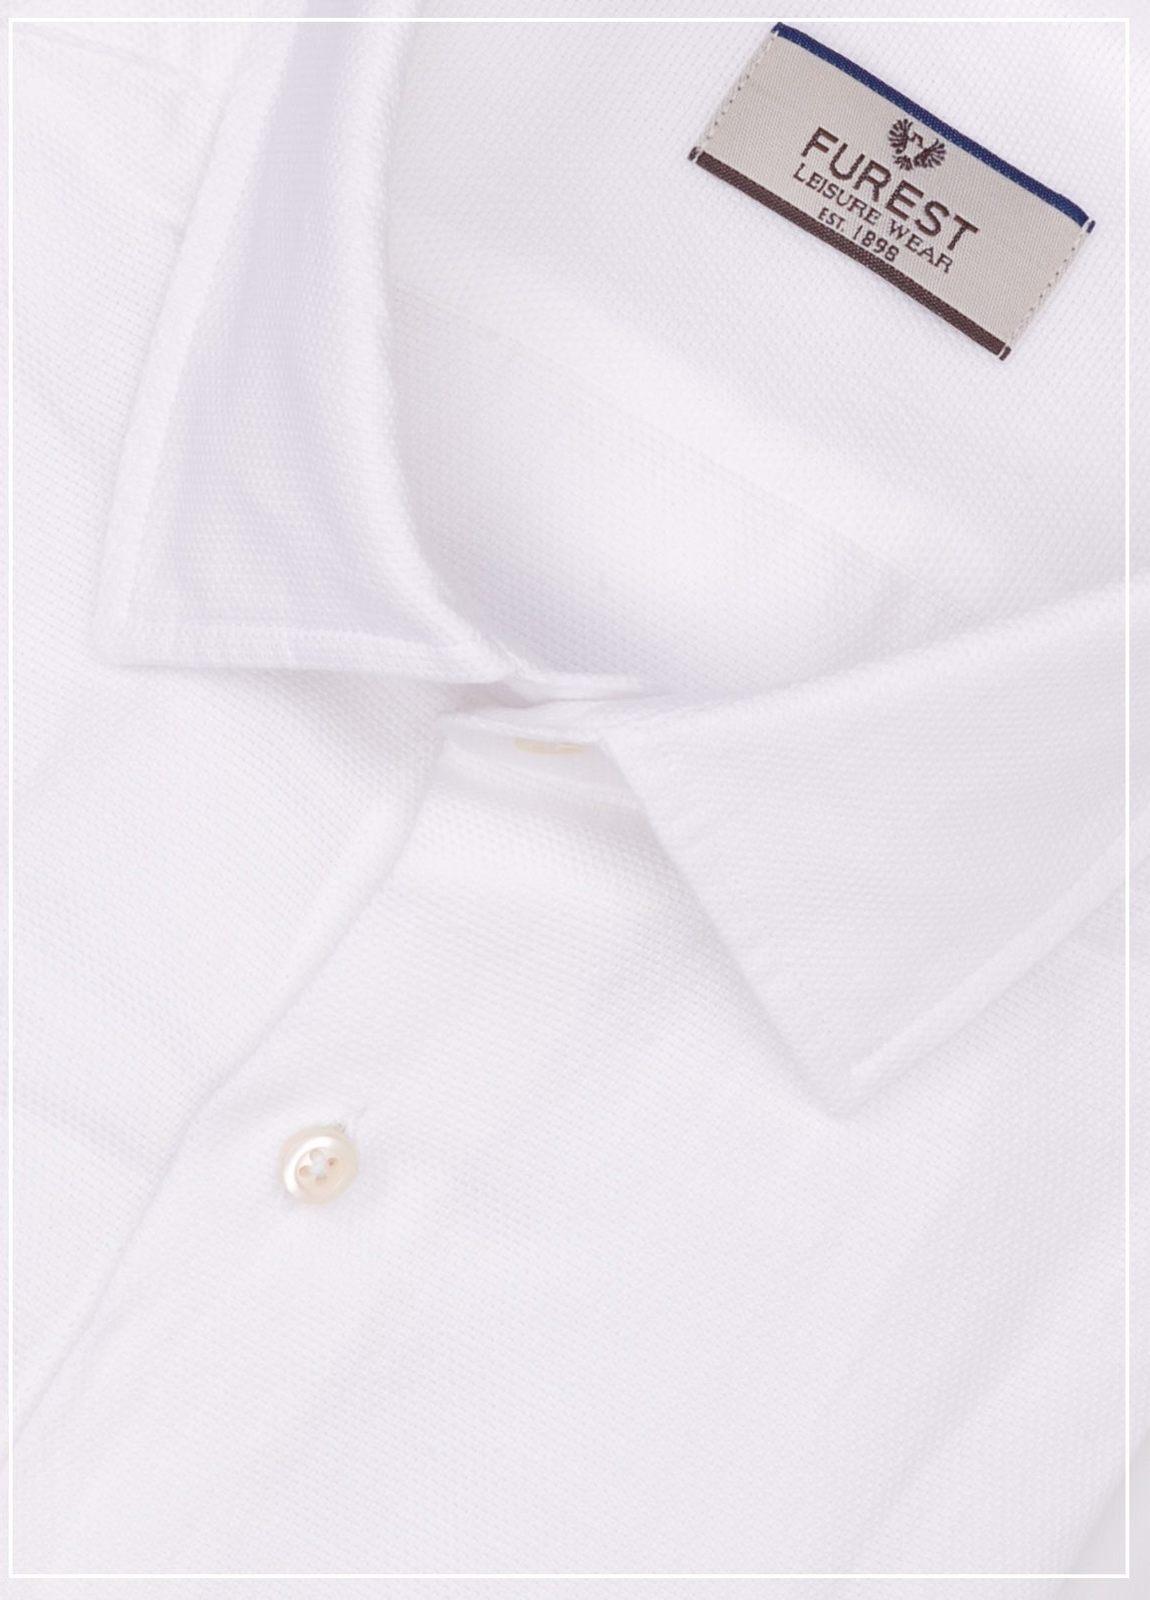 Camisa Leisure Wear REGULAR FIT tejido grabado color blanco, 57% lino 43% algodón. - Ítem1